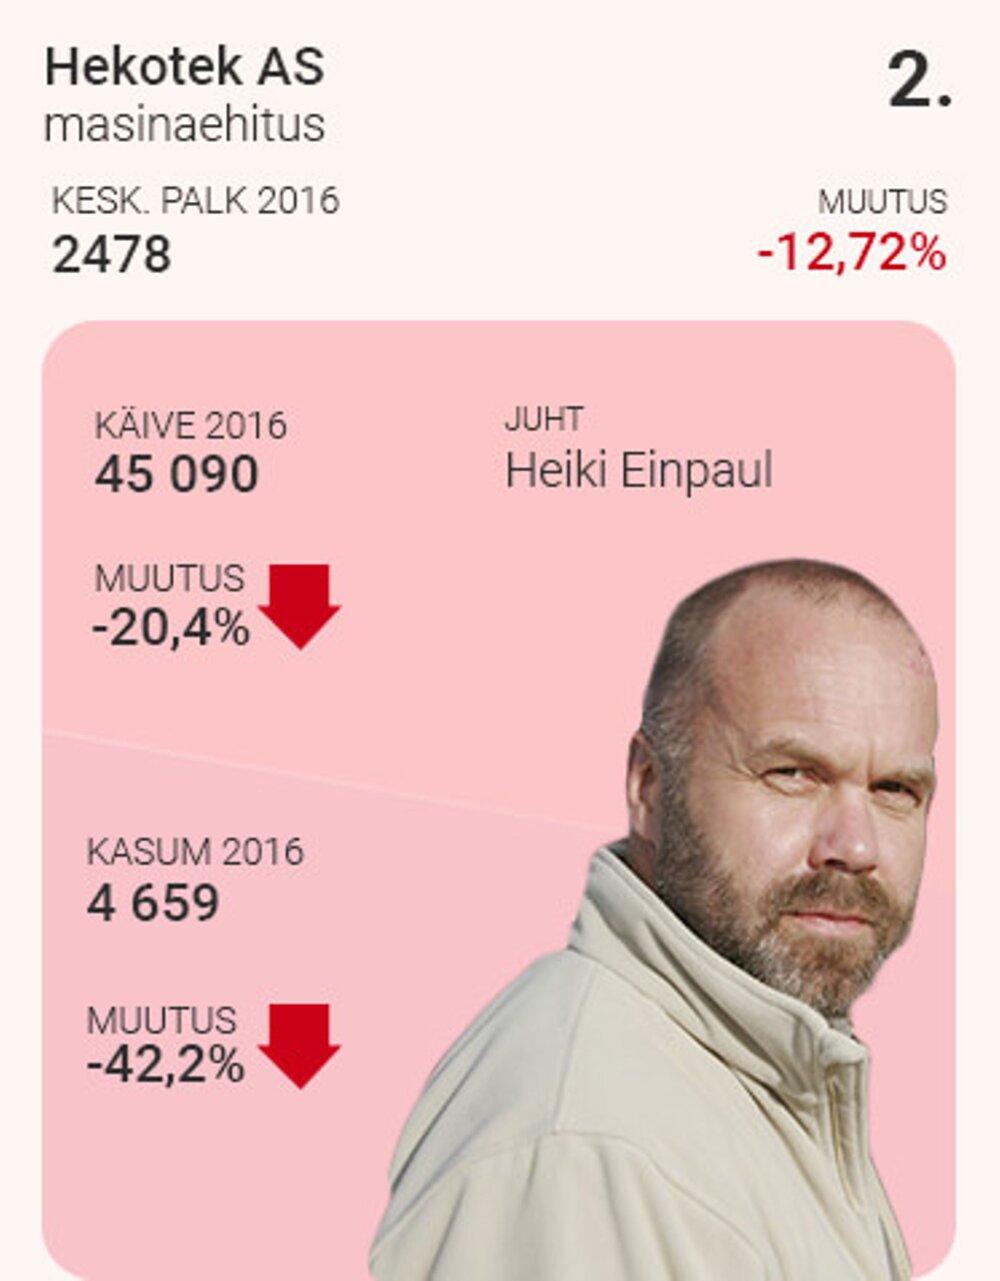 a1d3f92429f Viimati Eesti kõige edukamaks nimetatud ettevõtted suutsid mullu käibe  aasta varasemaga samal tasemel hoida, aga kasum vähenes kamba peale pea  kolmandiku ...